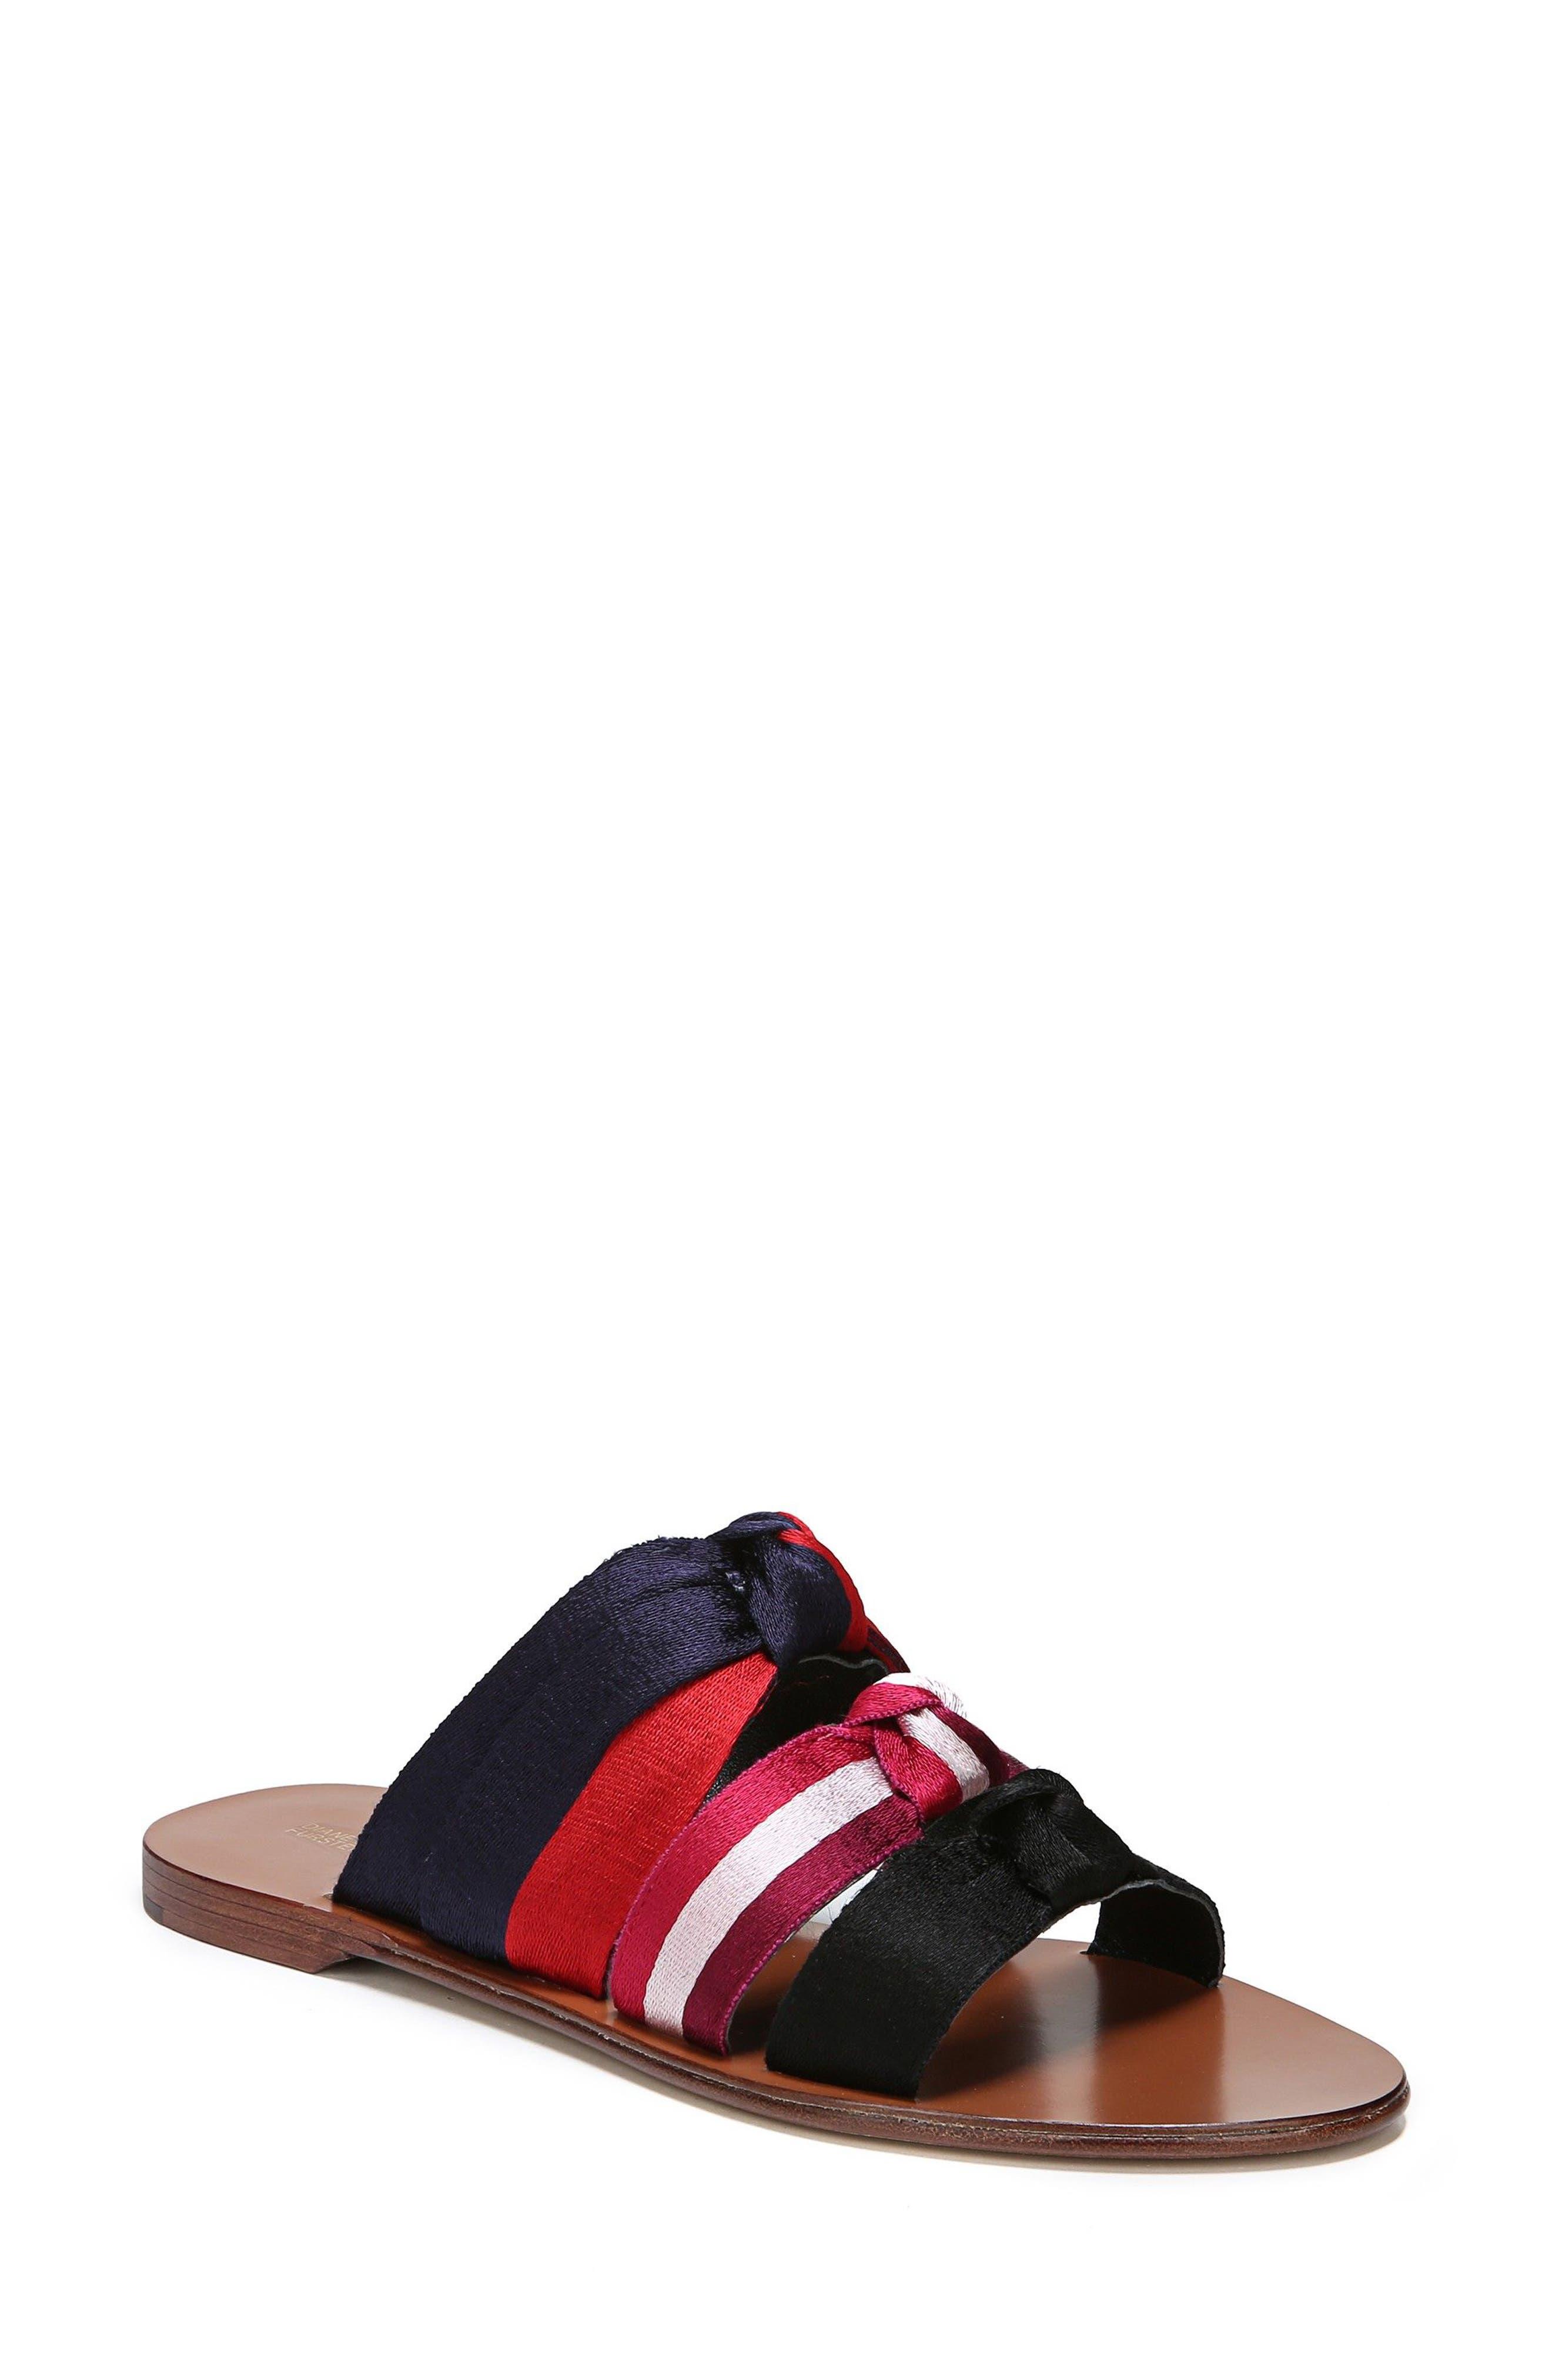 Diane von Furstenberg Bree Strappy Slide Sandal (Women)